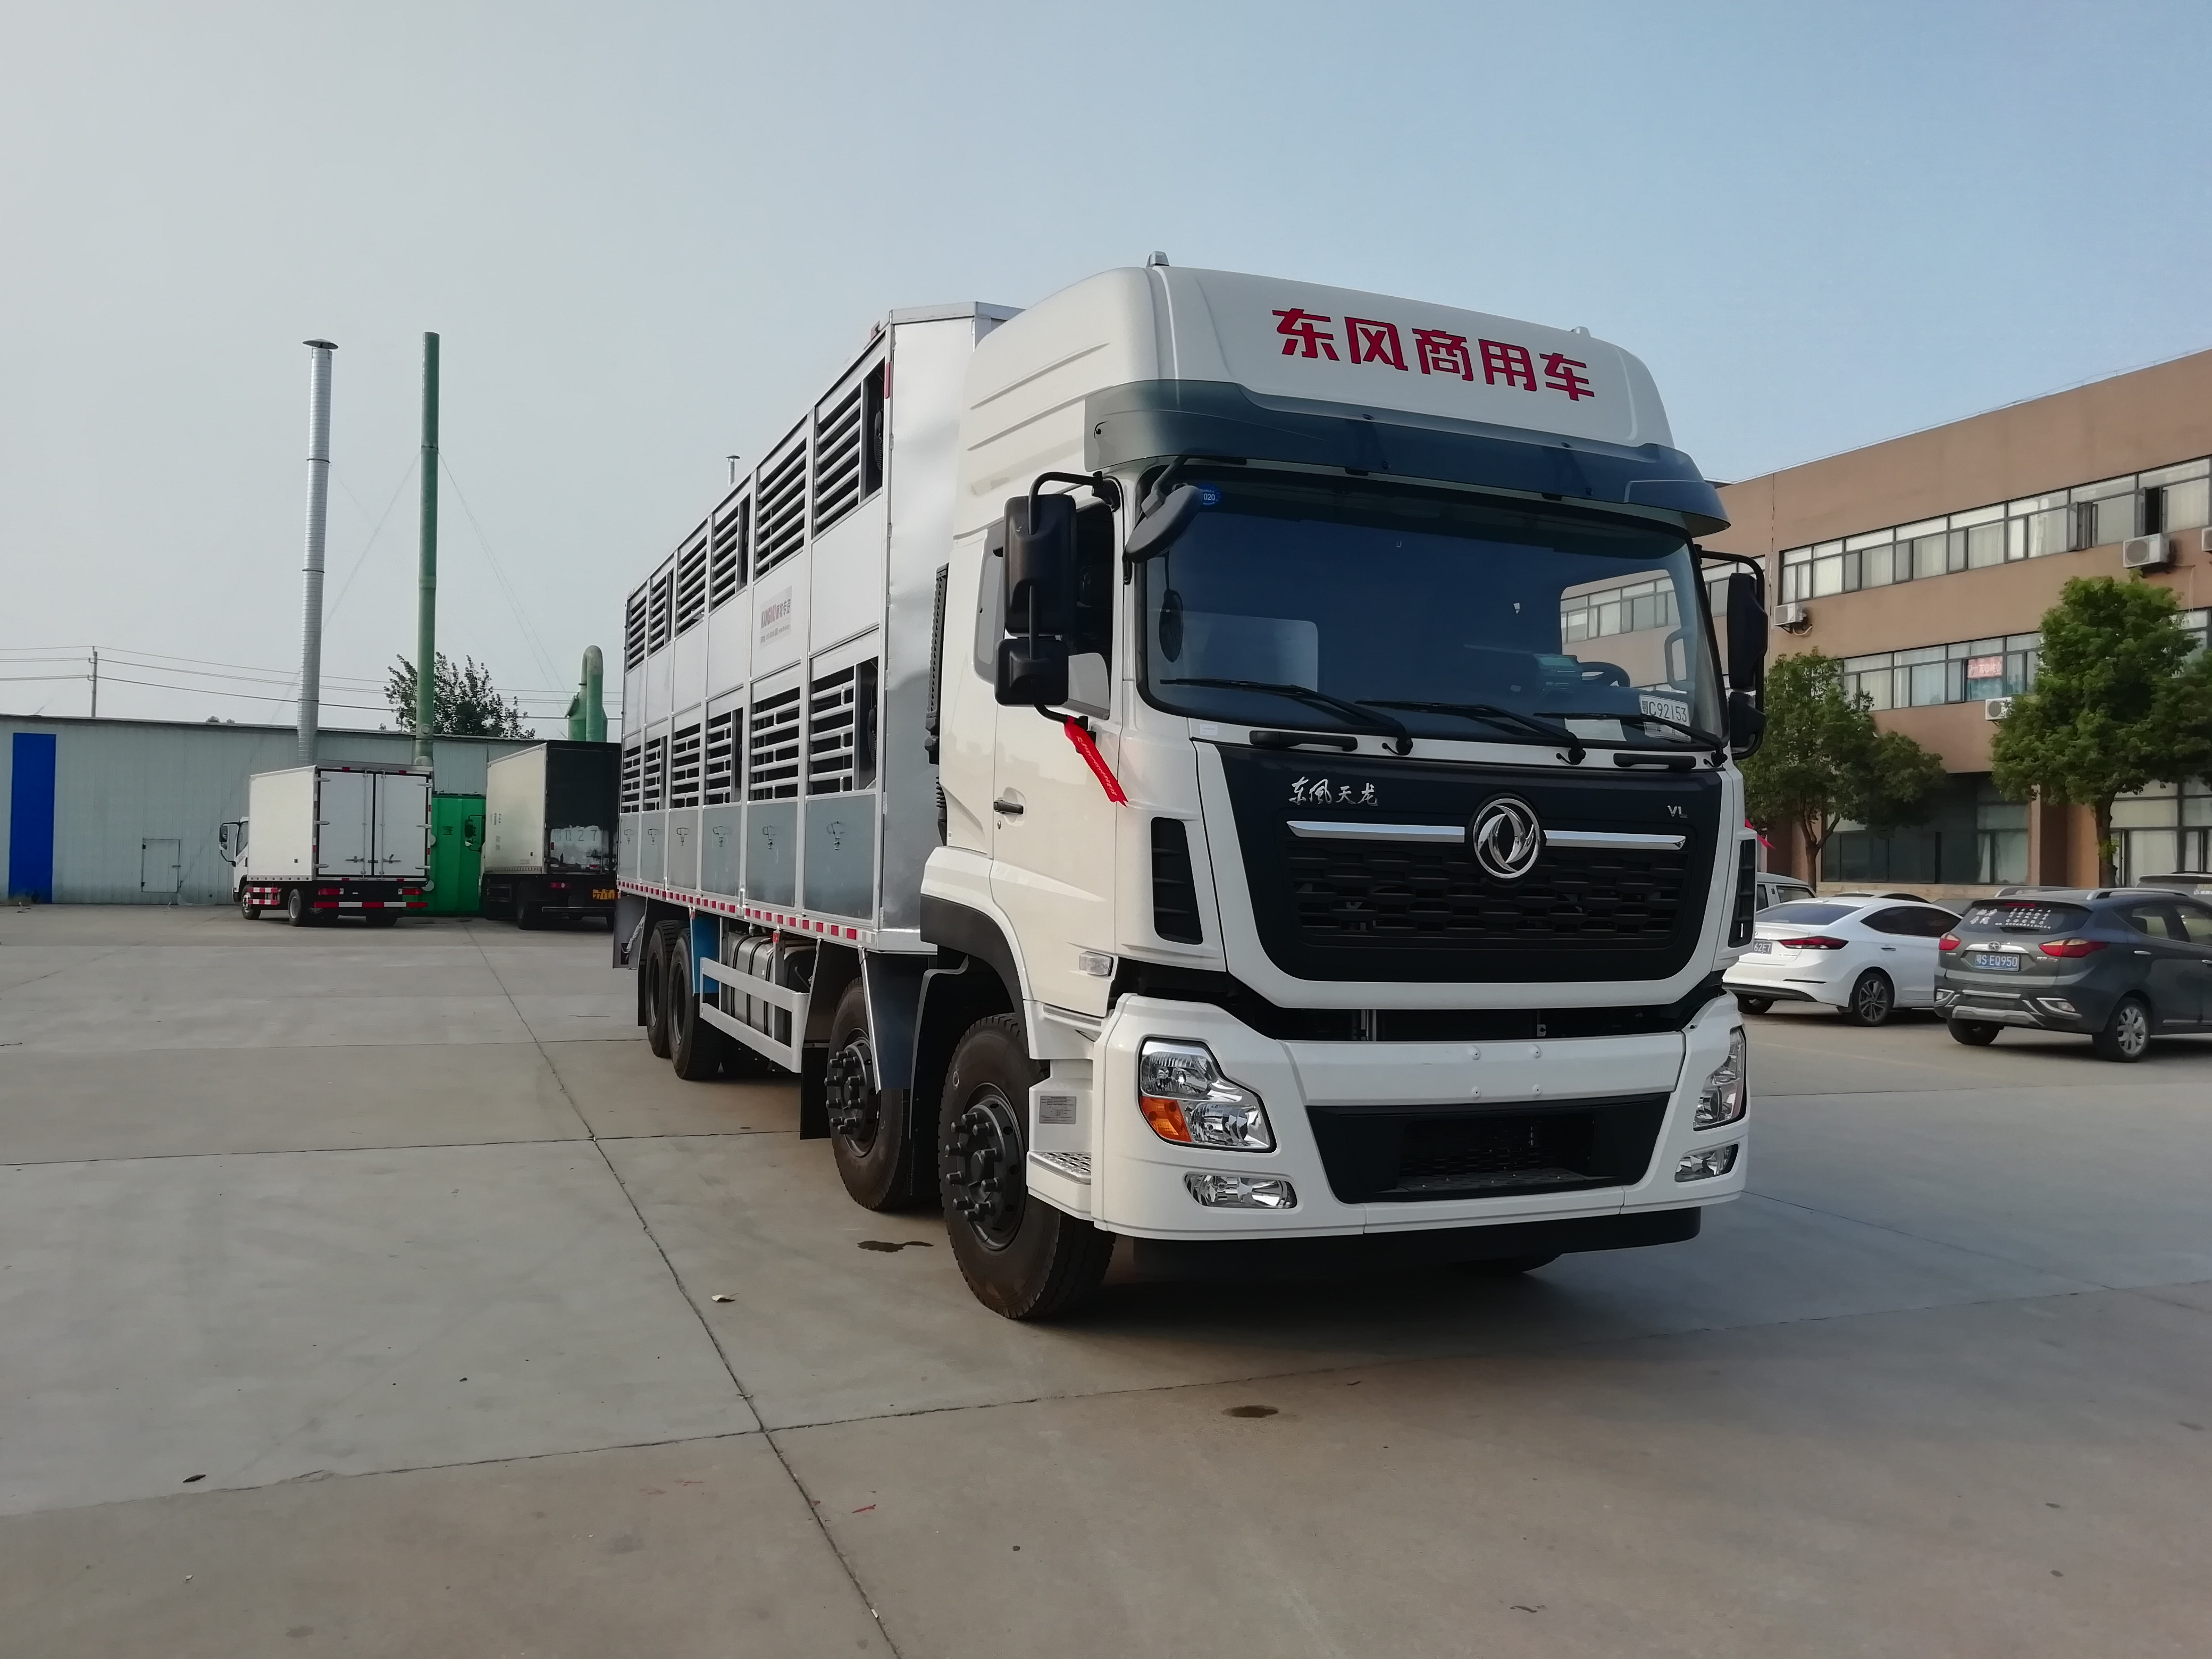 小猪运输车多少钱?东风天龙畜禽运输车价格图片